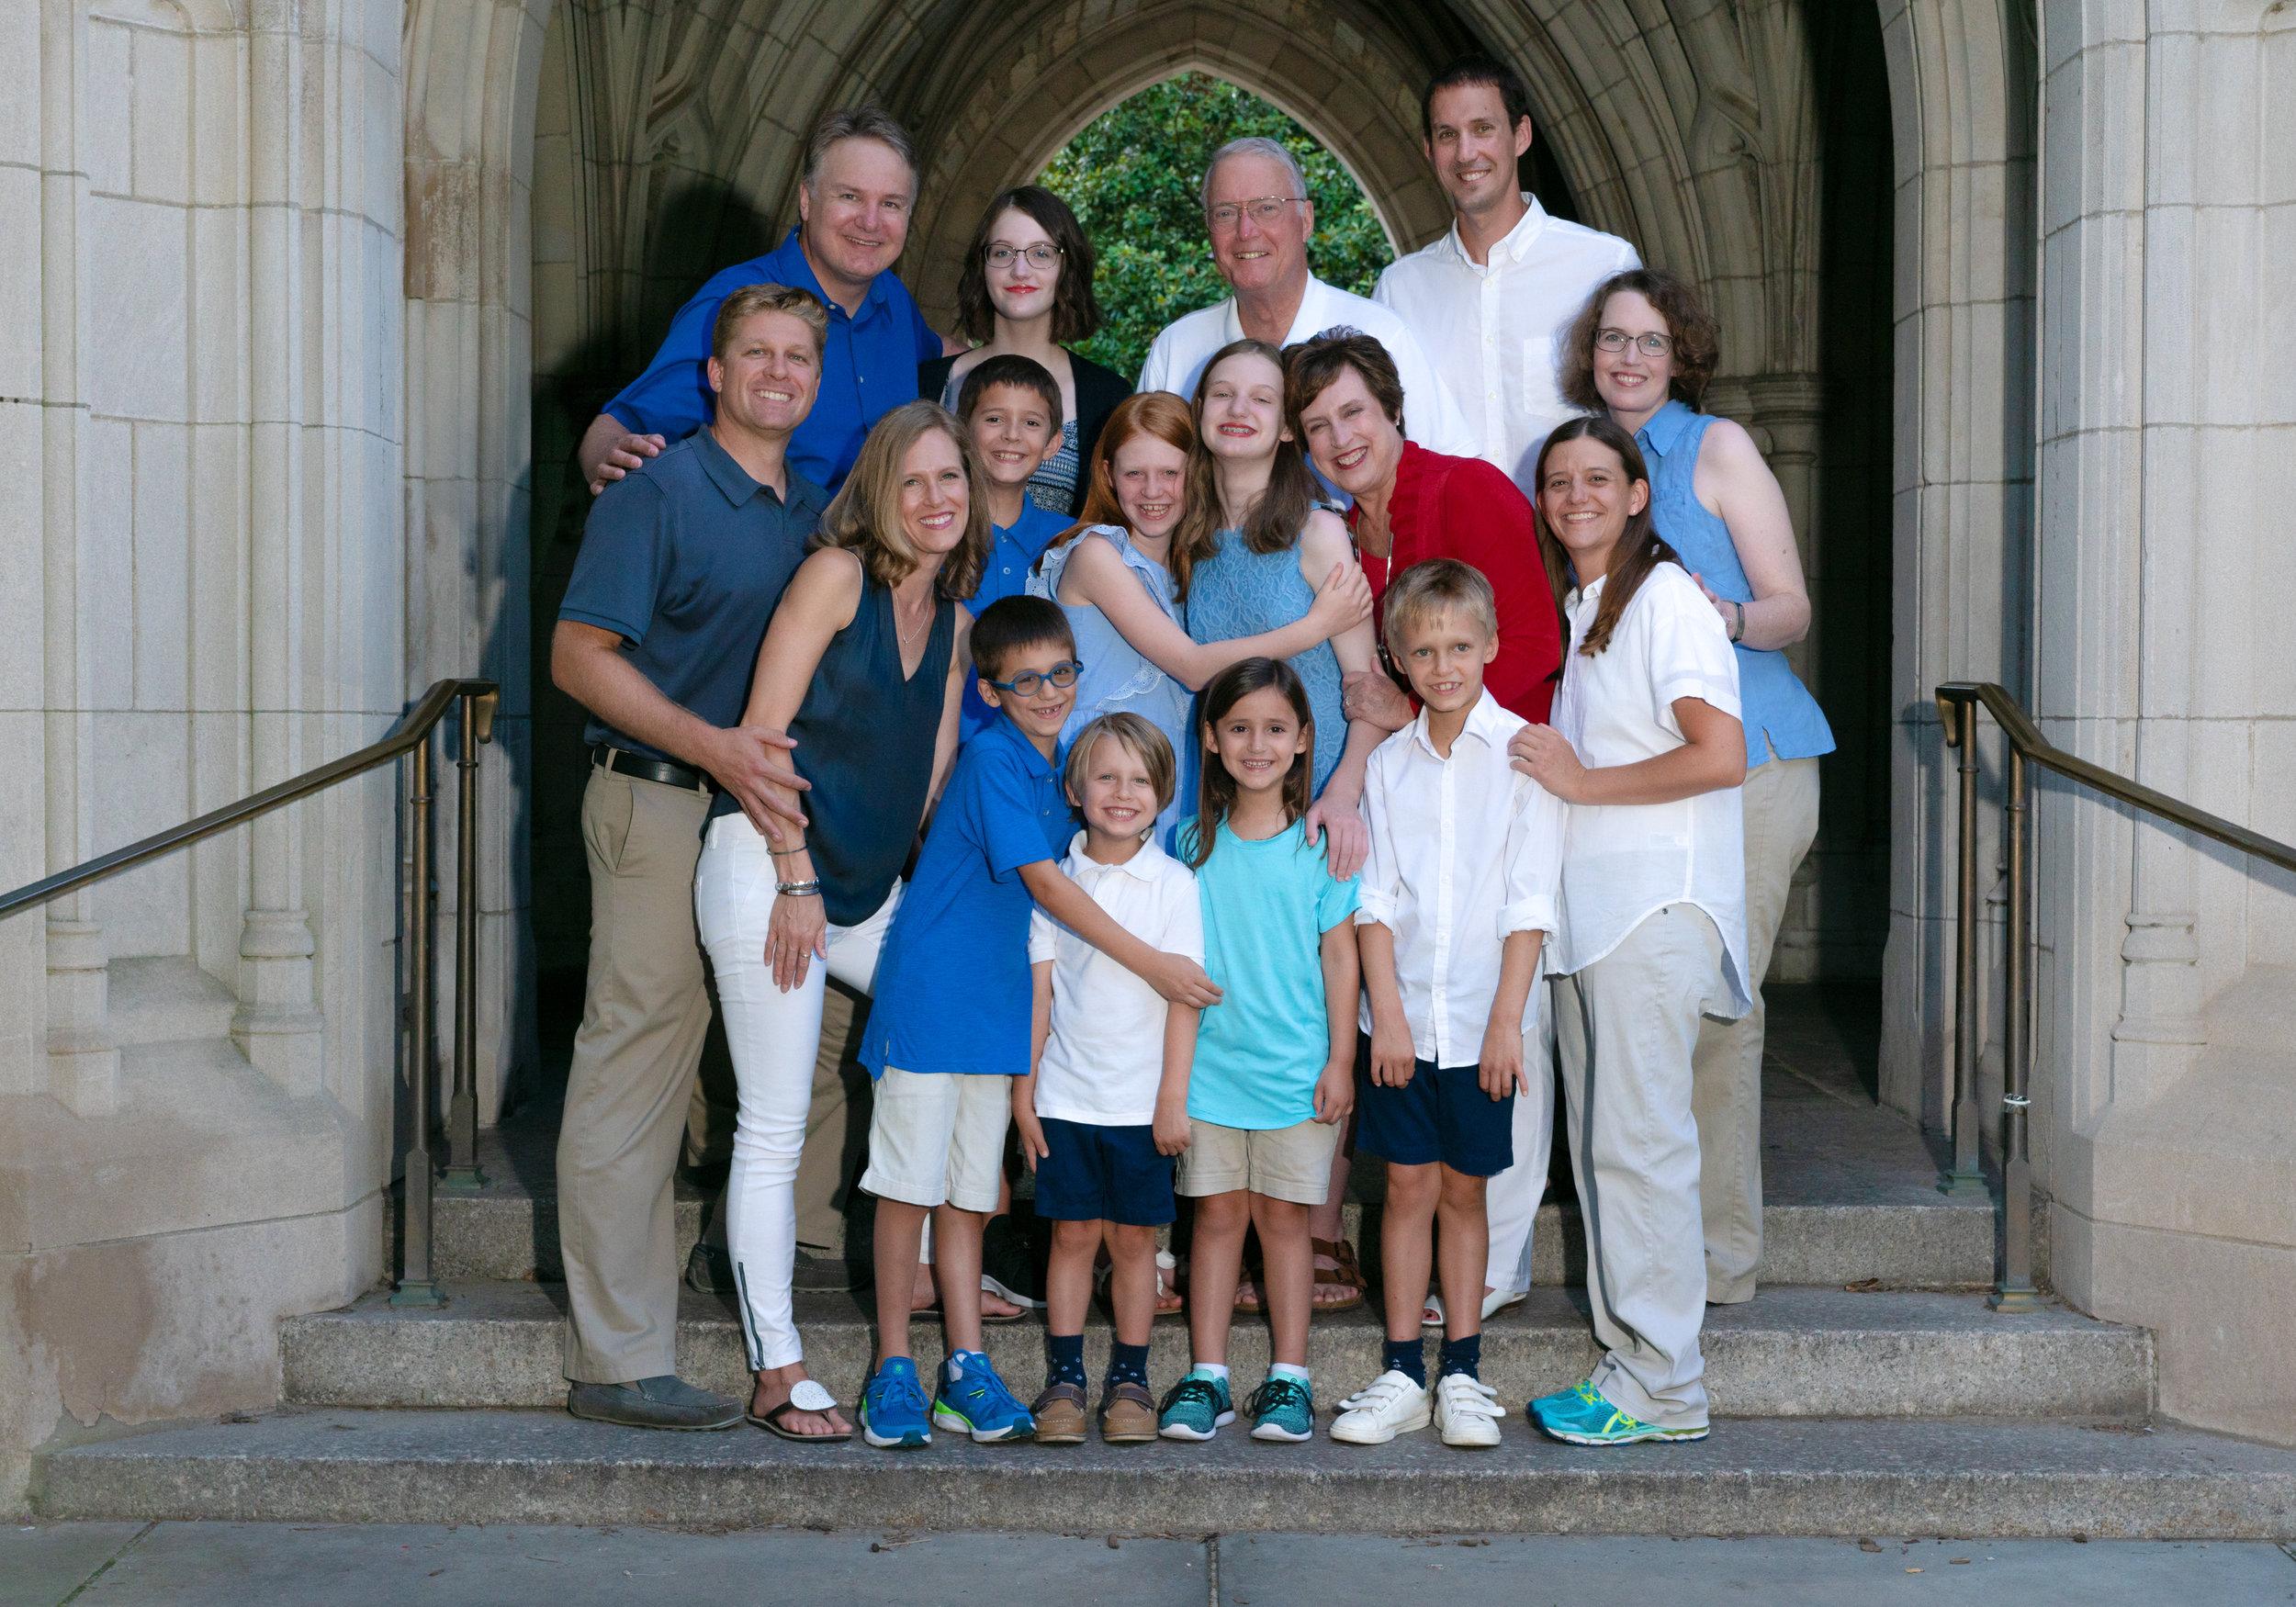 Family-Photographer-CentralNJ.JPG